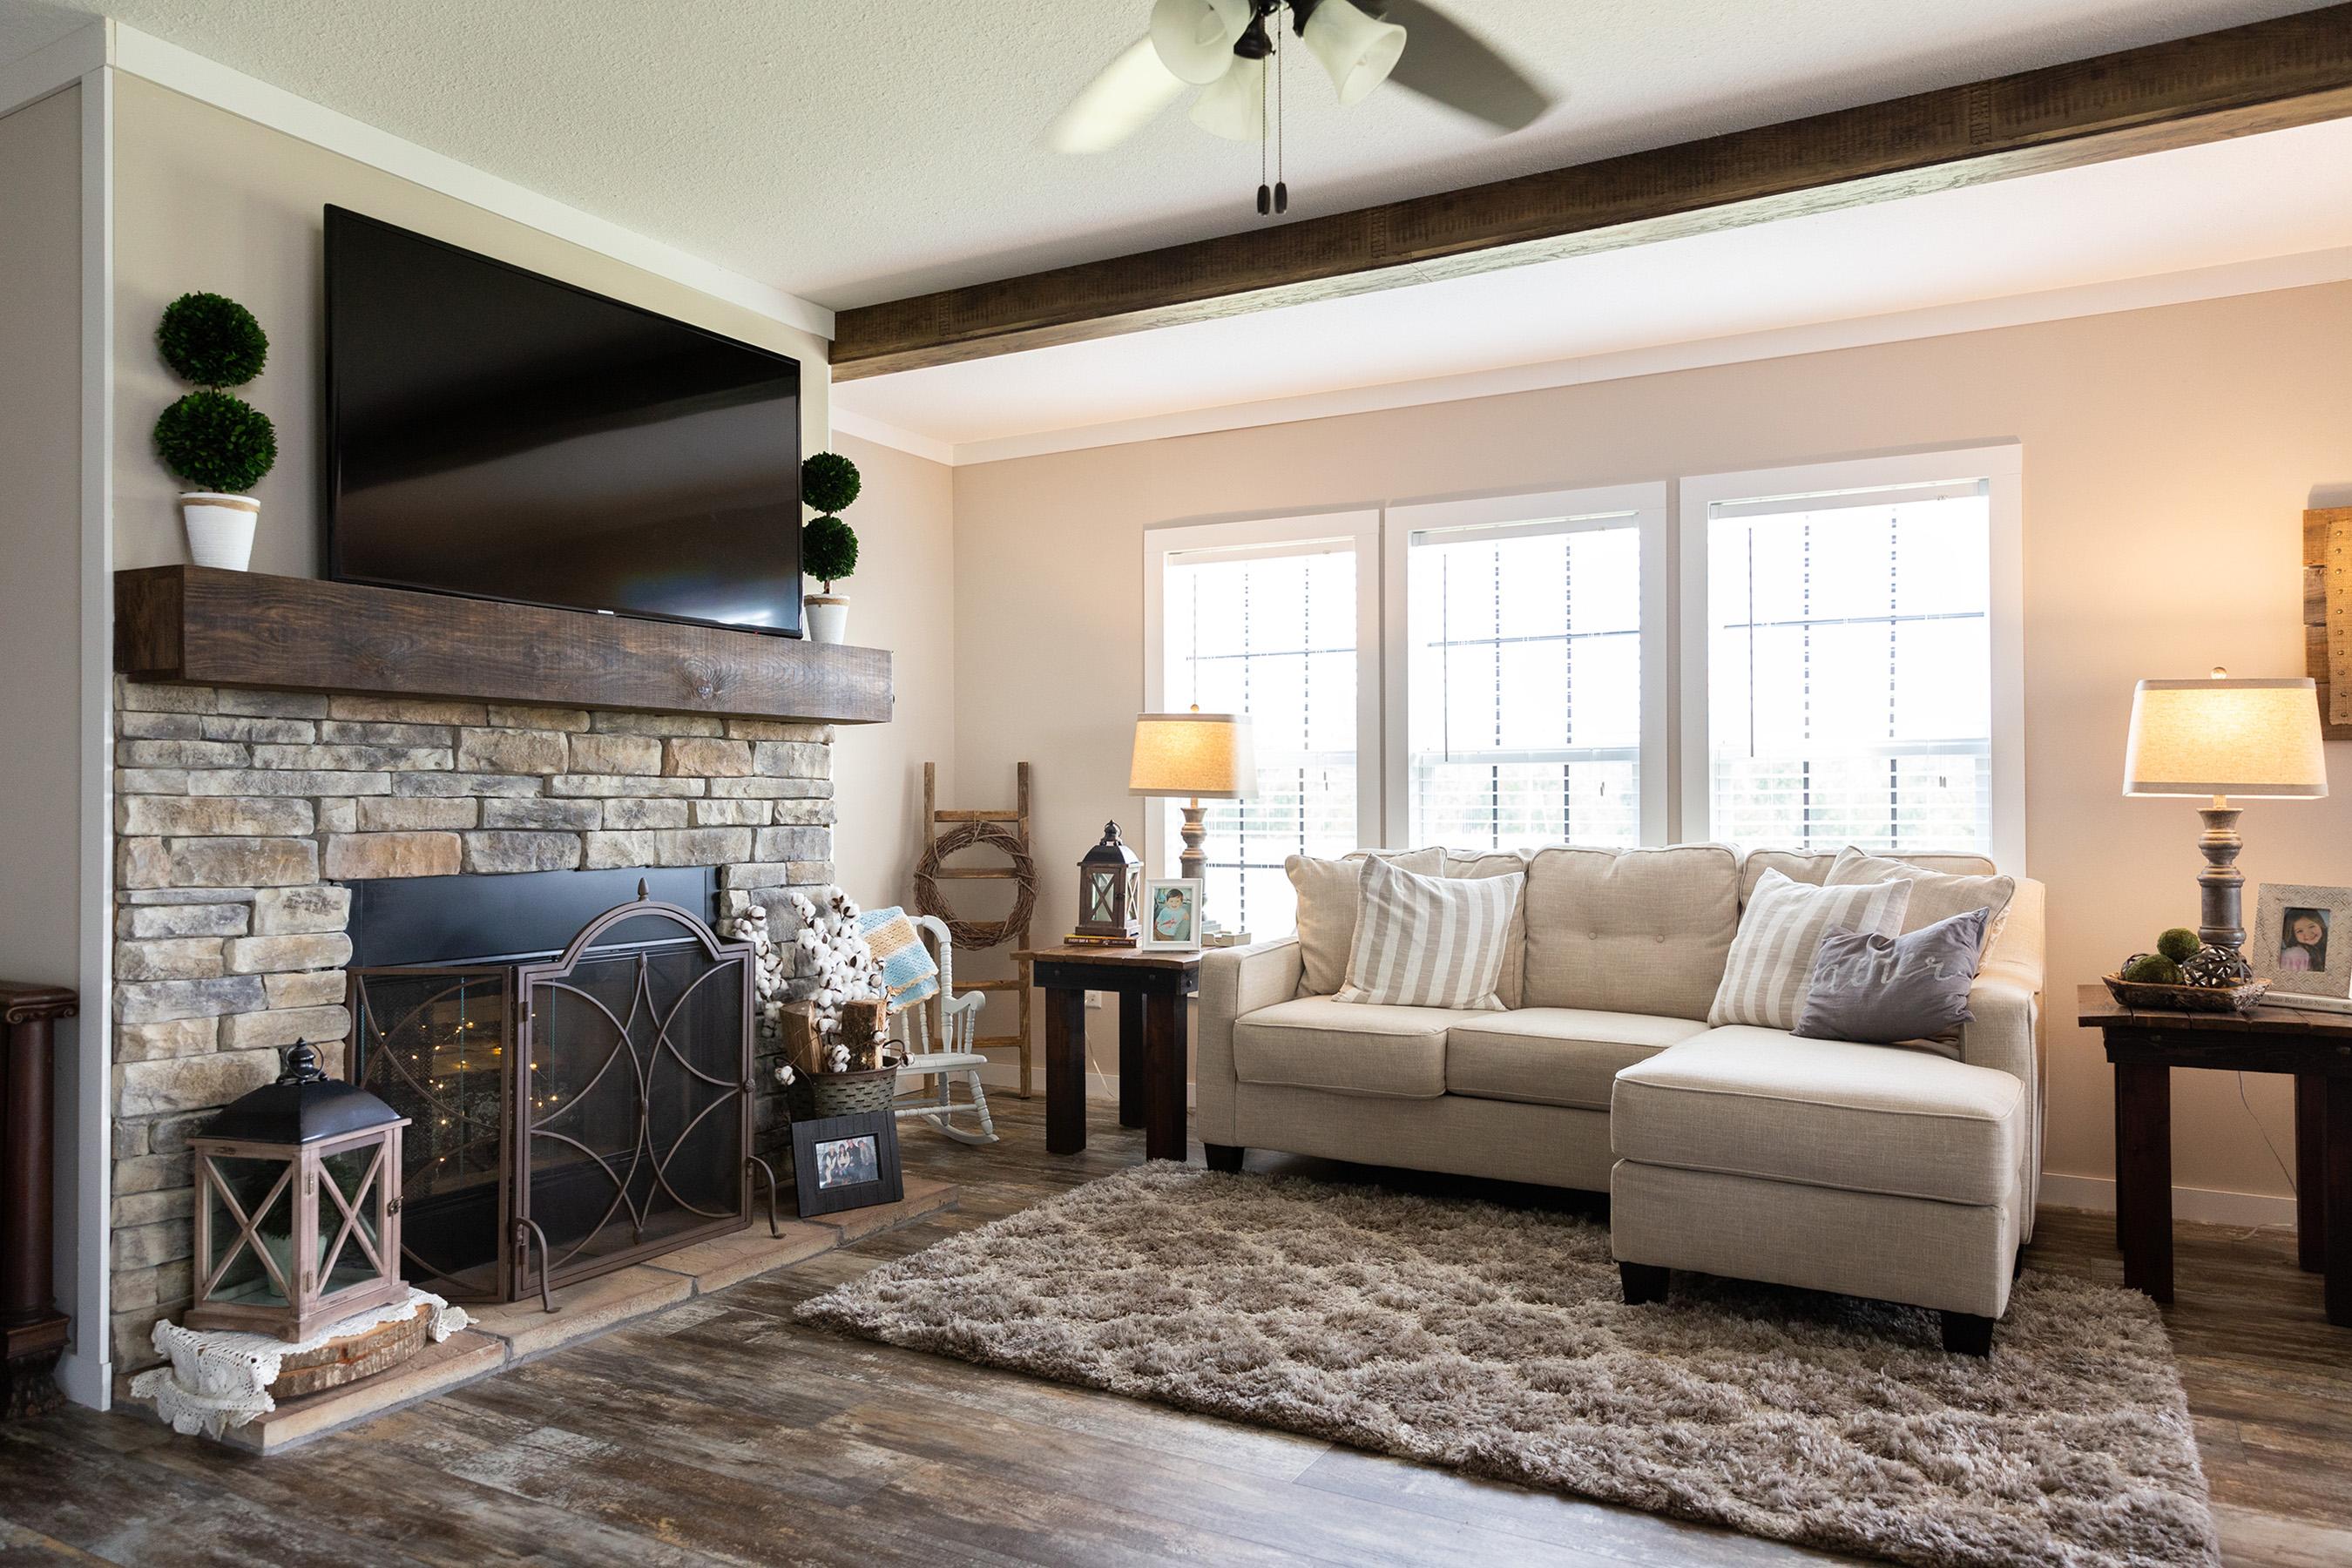 Open floor plans allow an abundance of natural light.